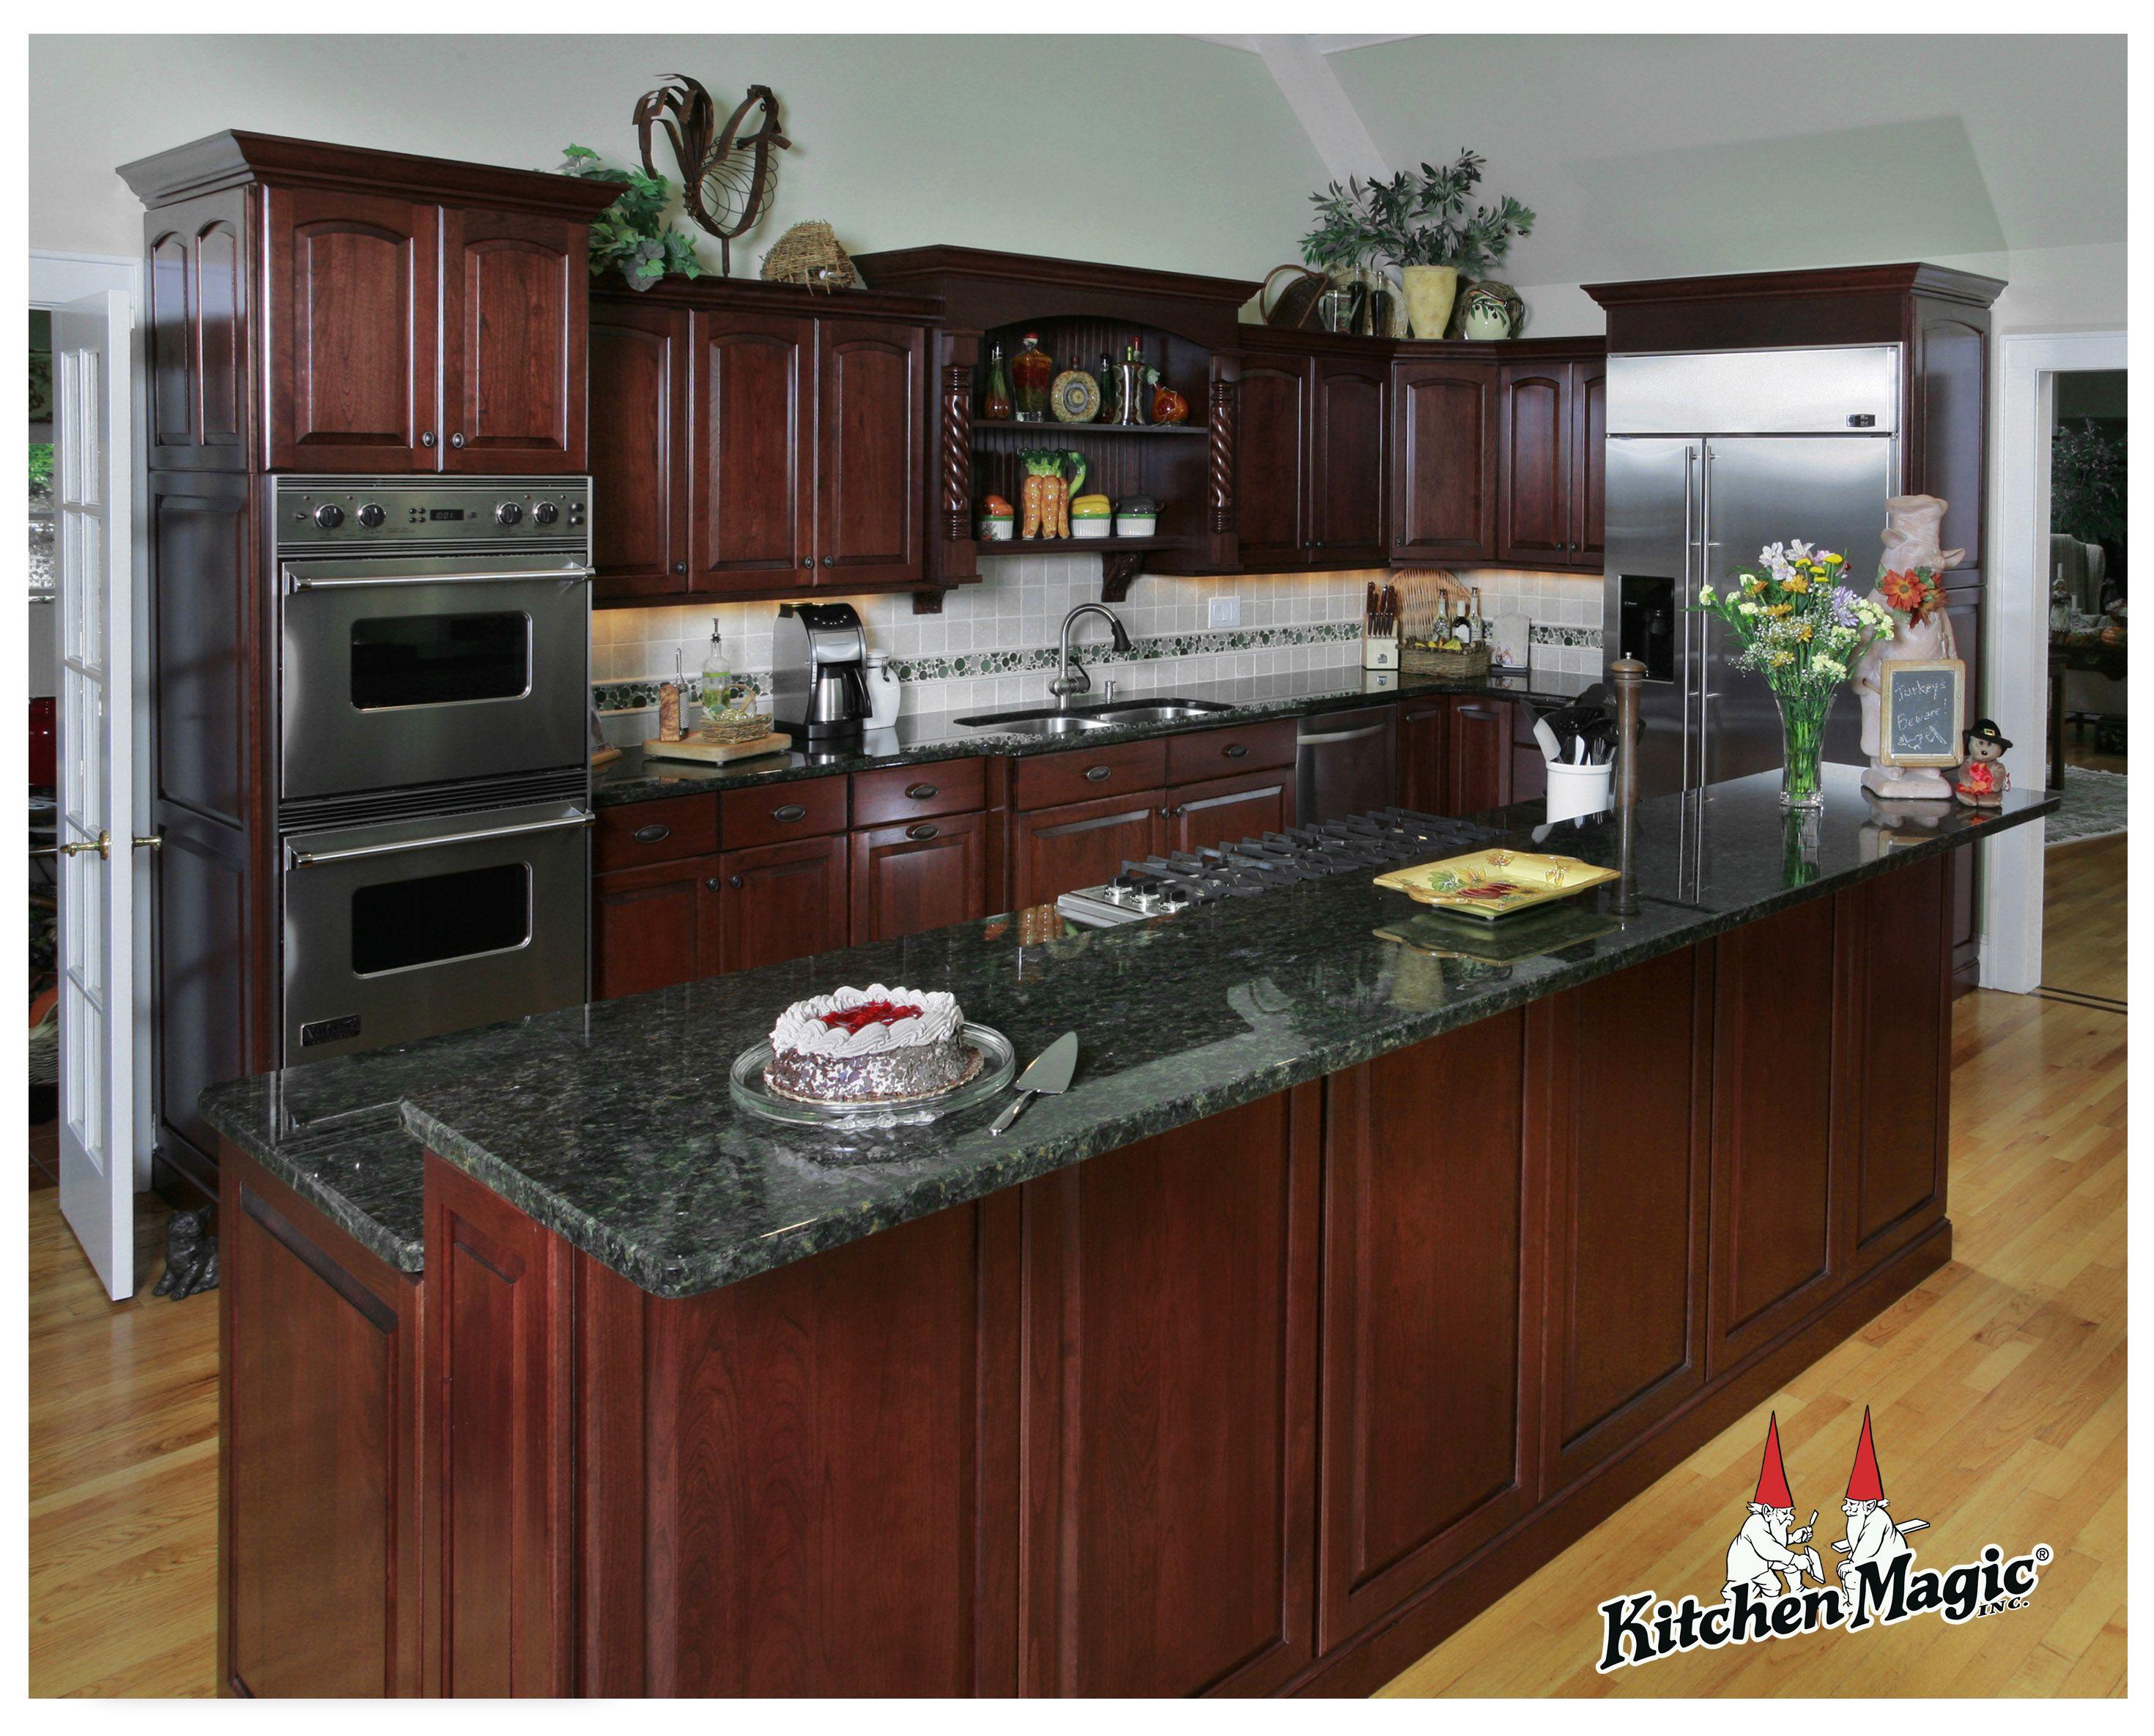 kitchen design cherry wood cabinets kitchen Cordovan Cherry Wood Cabinets Kitchen Magic Inc This is